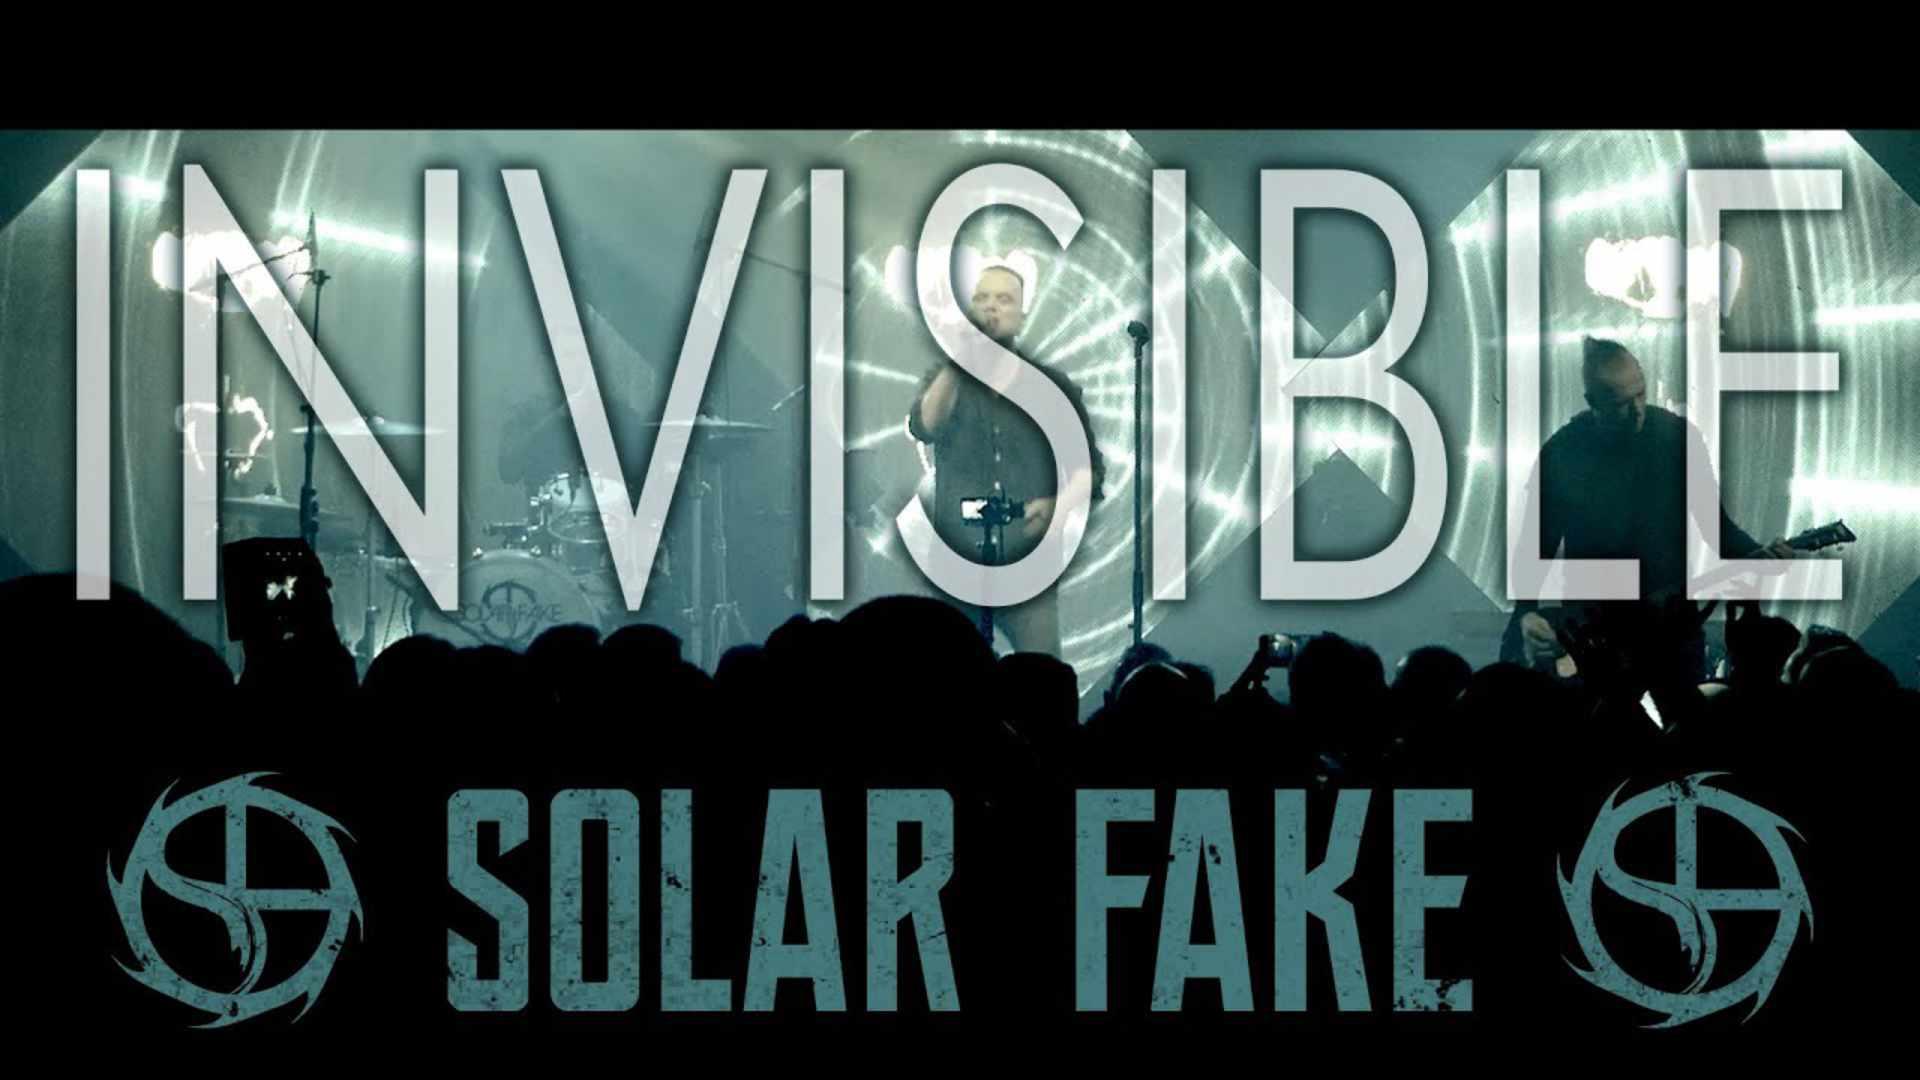 Solar Fake - Invisible